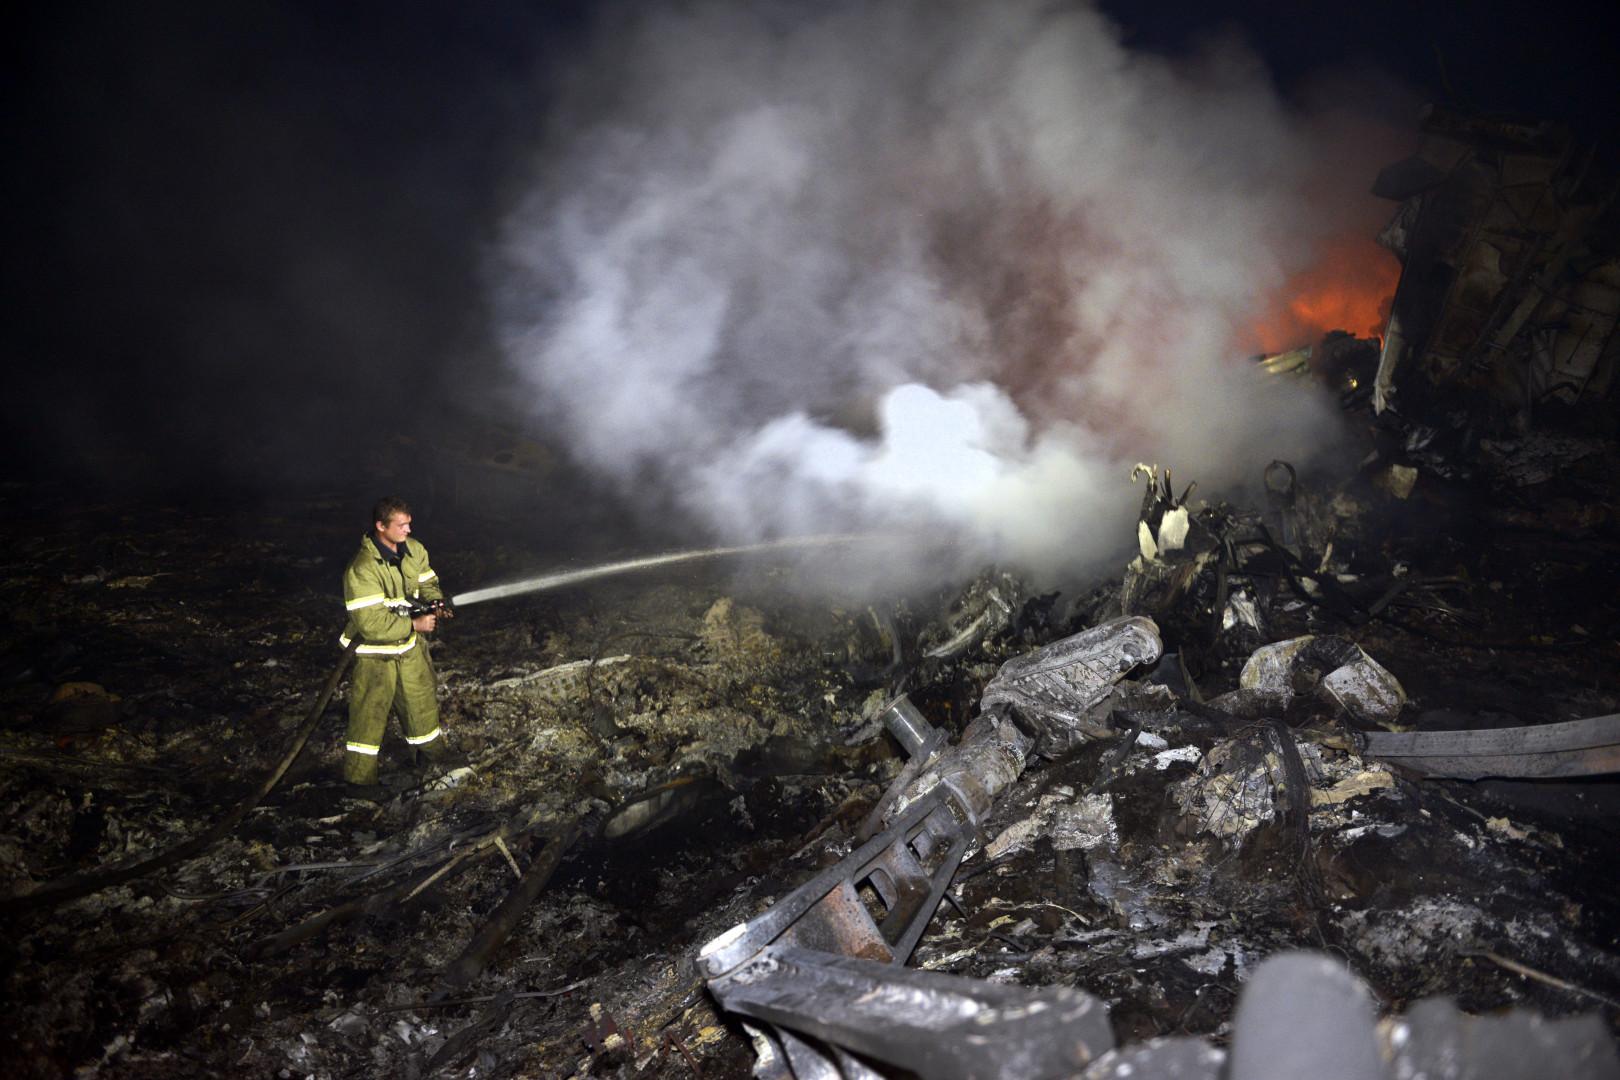 Dans la nuit de jeudi à vendredi, des pompiers éteignaient les flammes qui s'échappaient encore des décombres